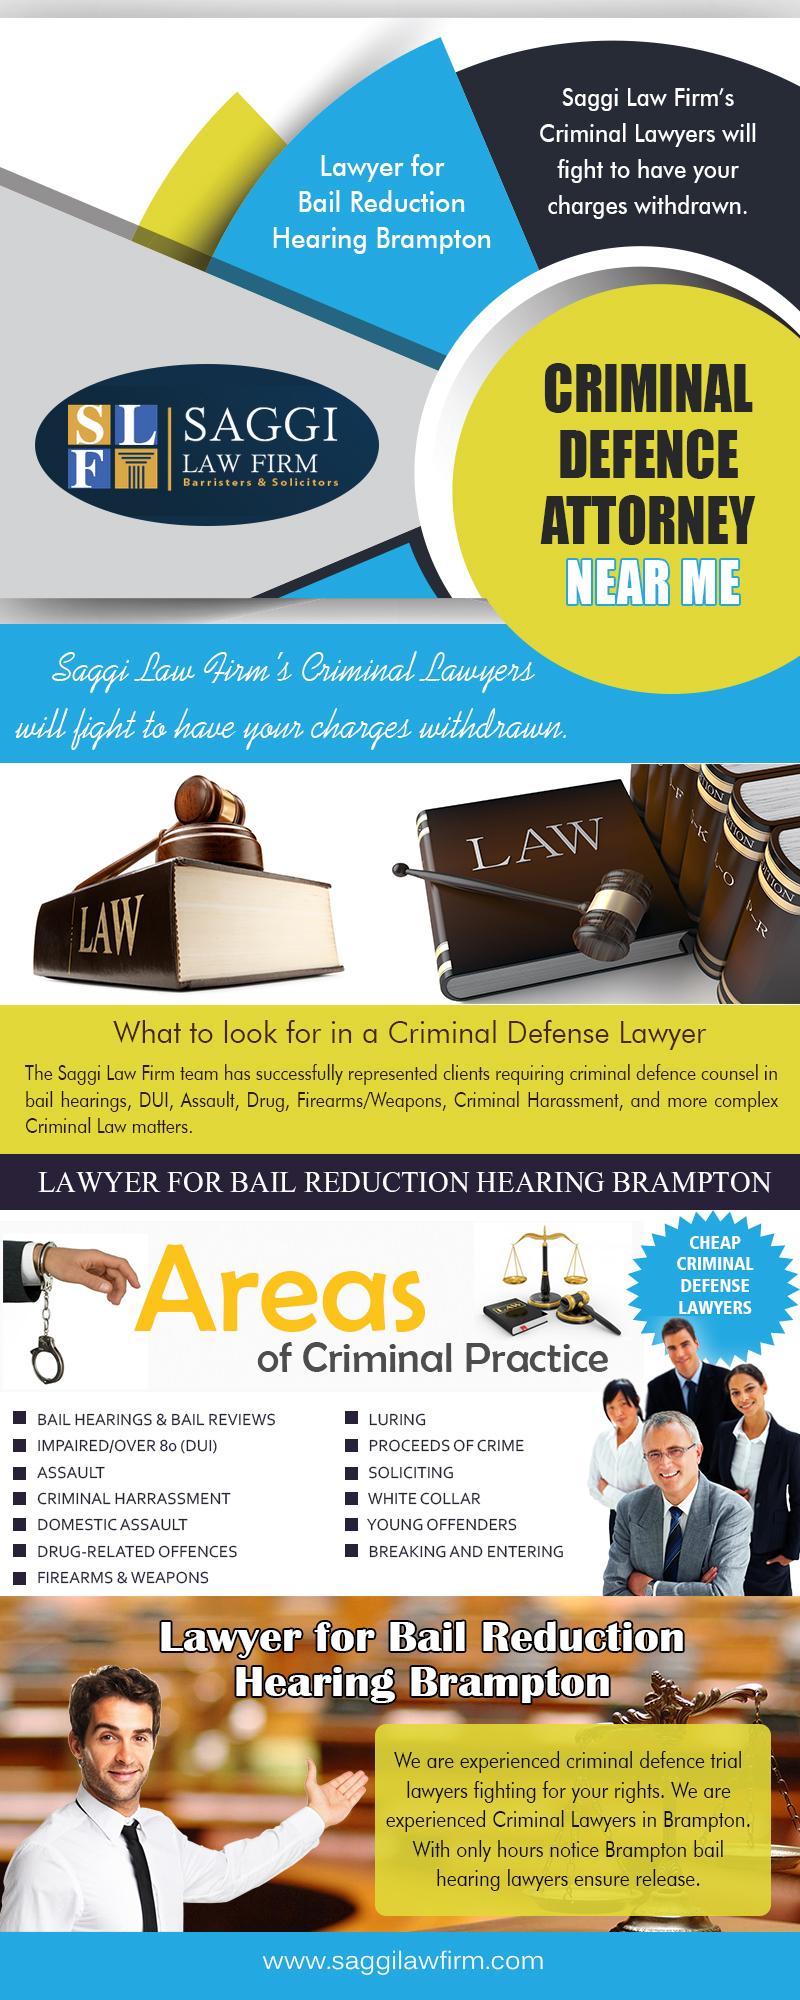 Top Criminal Defense Attorneys